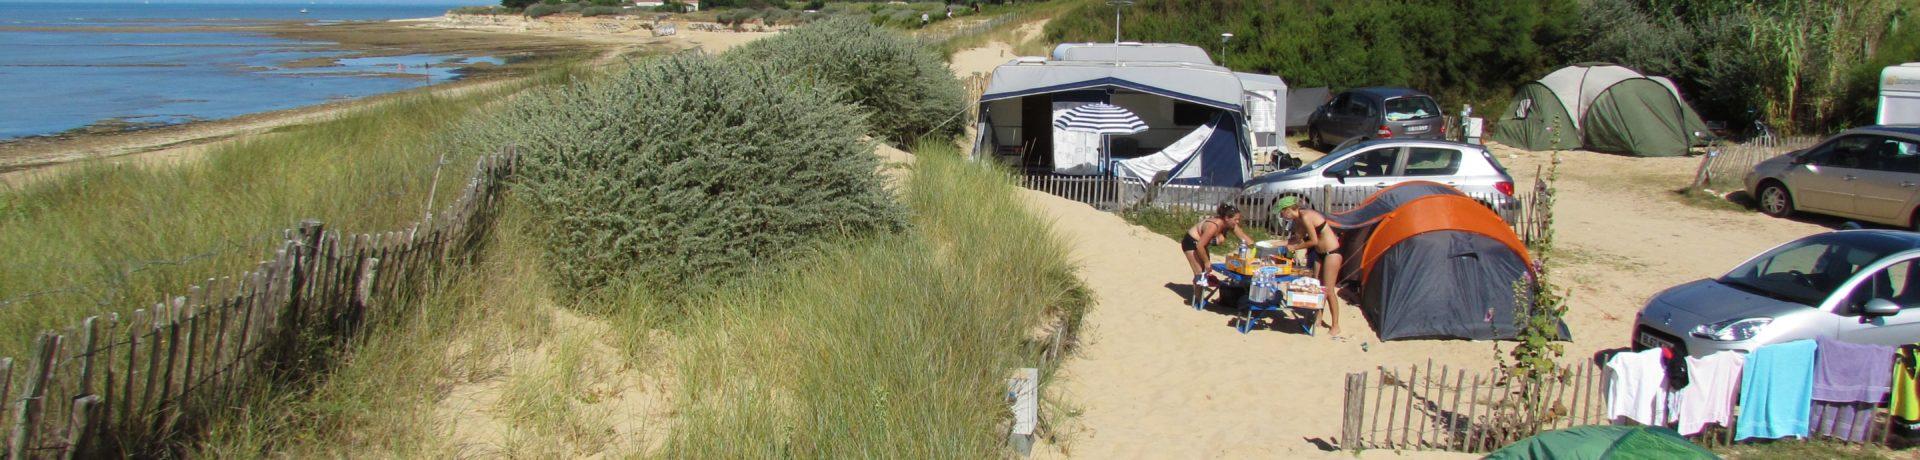 Camping Huttopia Côte Sauvage is een rustige natuurcamping gelegen in Ile-de-Ré in een ongerepte omgeving op 20 meter afstand van het strand.